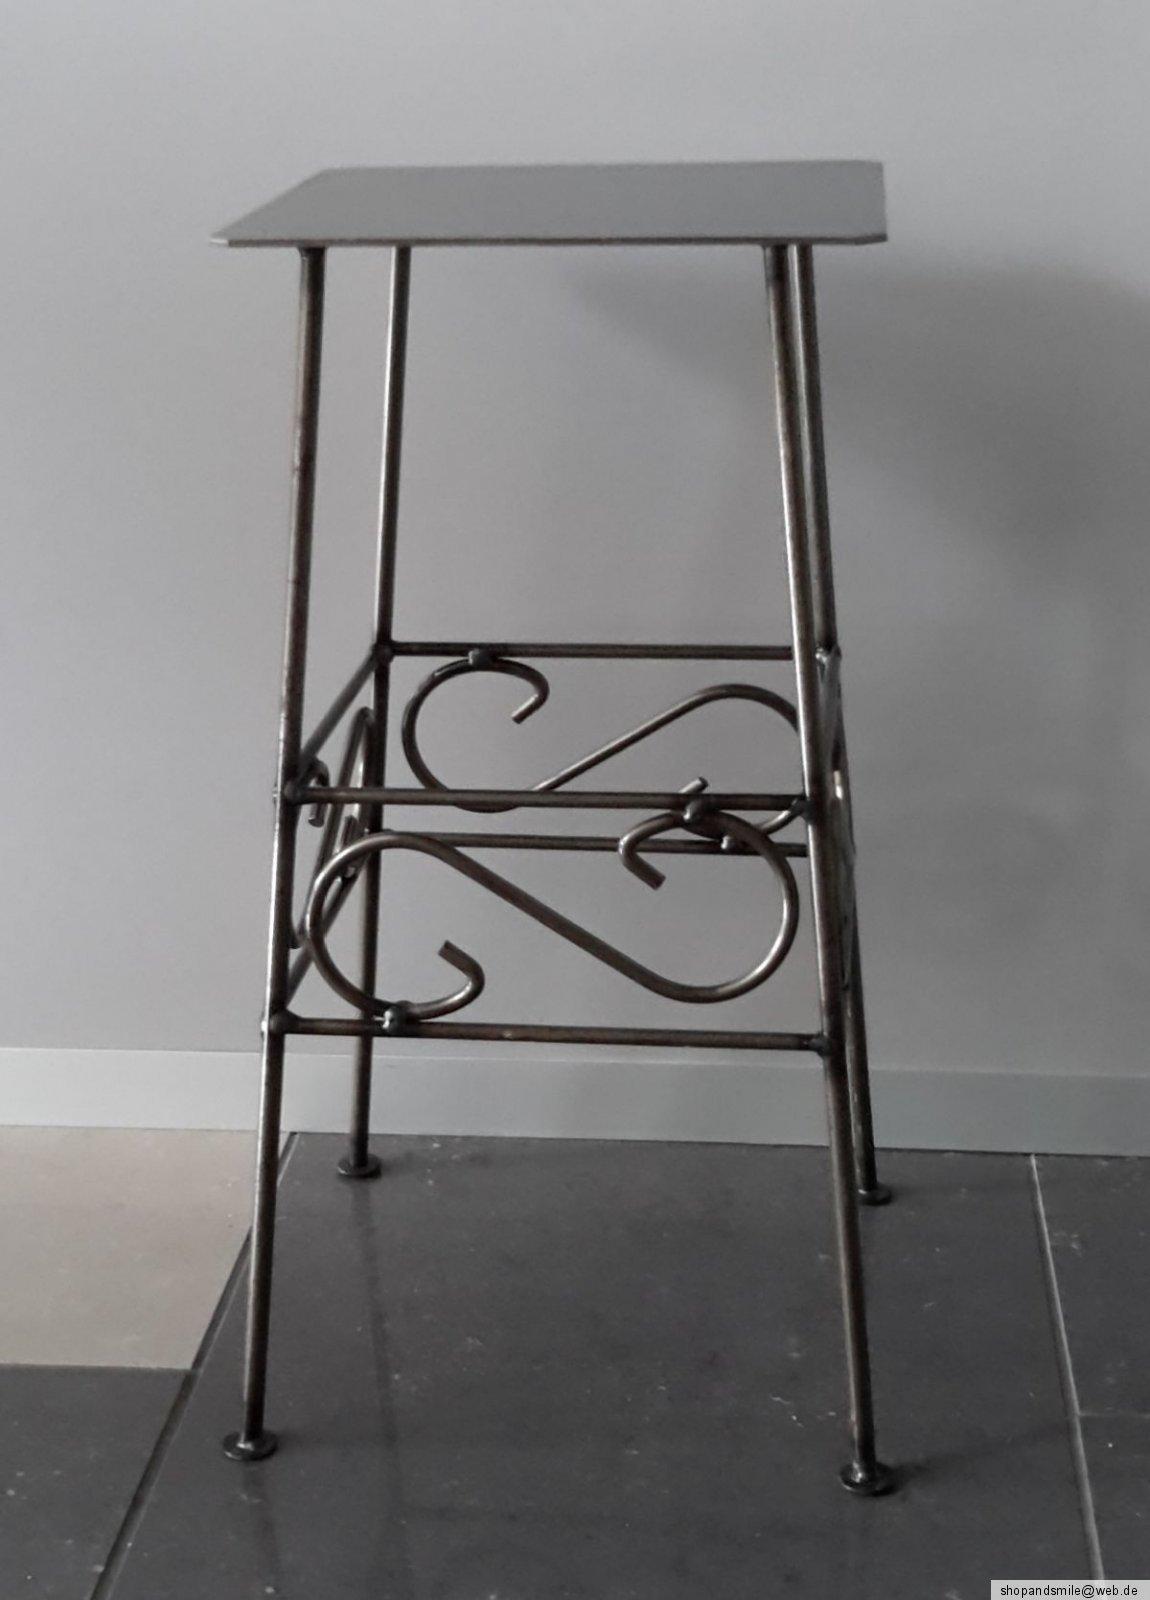 blumentisch blumenst nder metalltisch f r pflanzen 40 cm hoch sehr sch n ebay. Black Bedroom Furniture Sets. Home Design Ideas